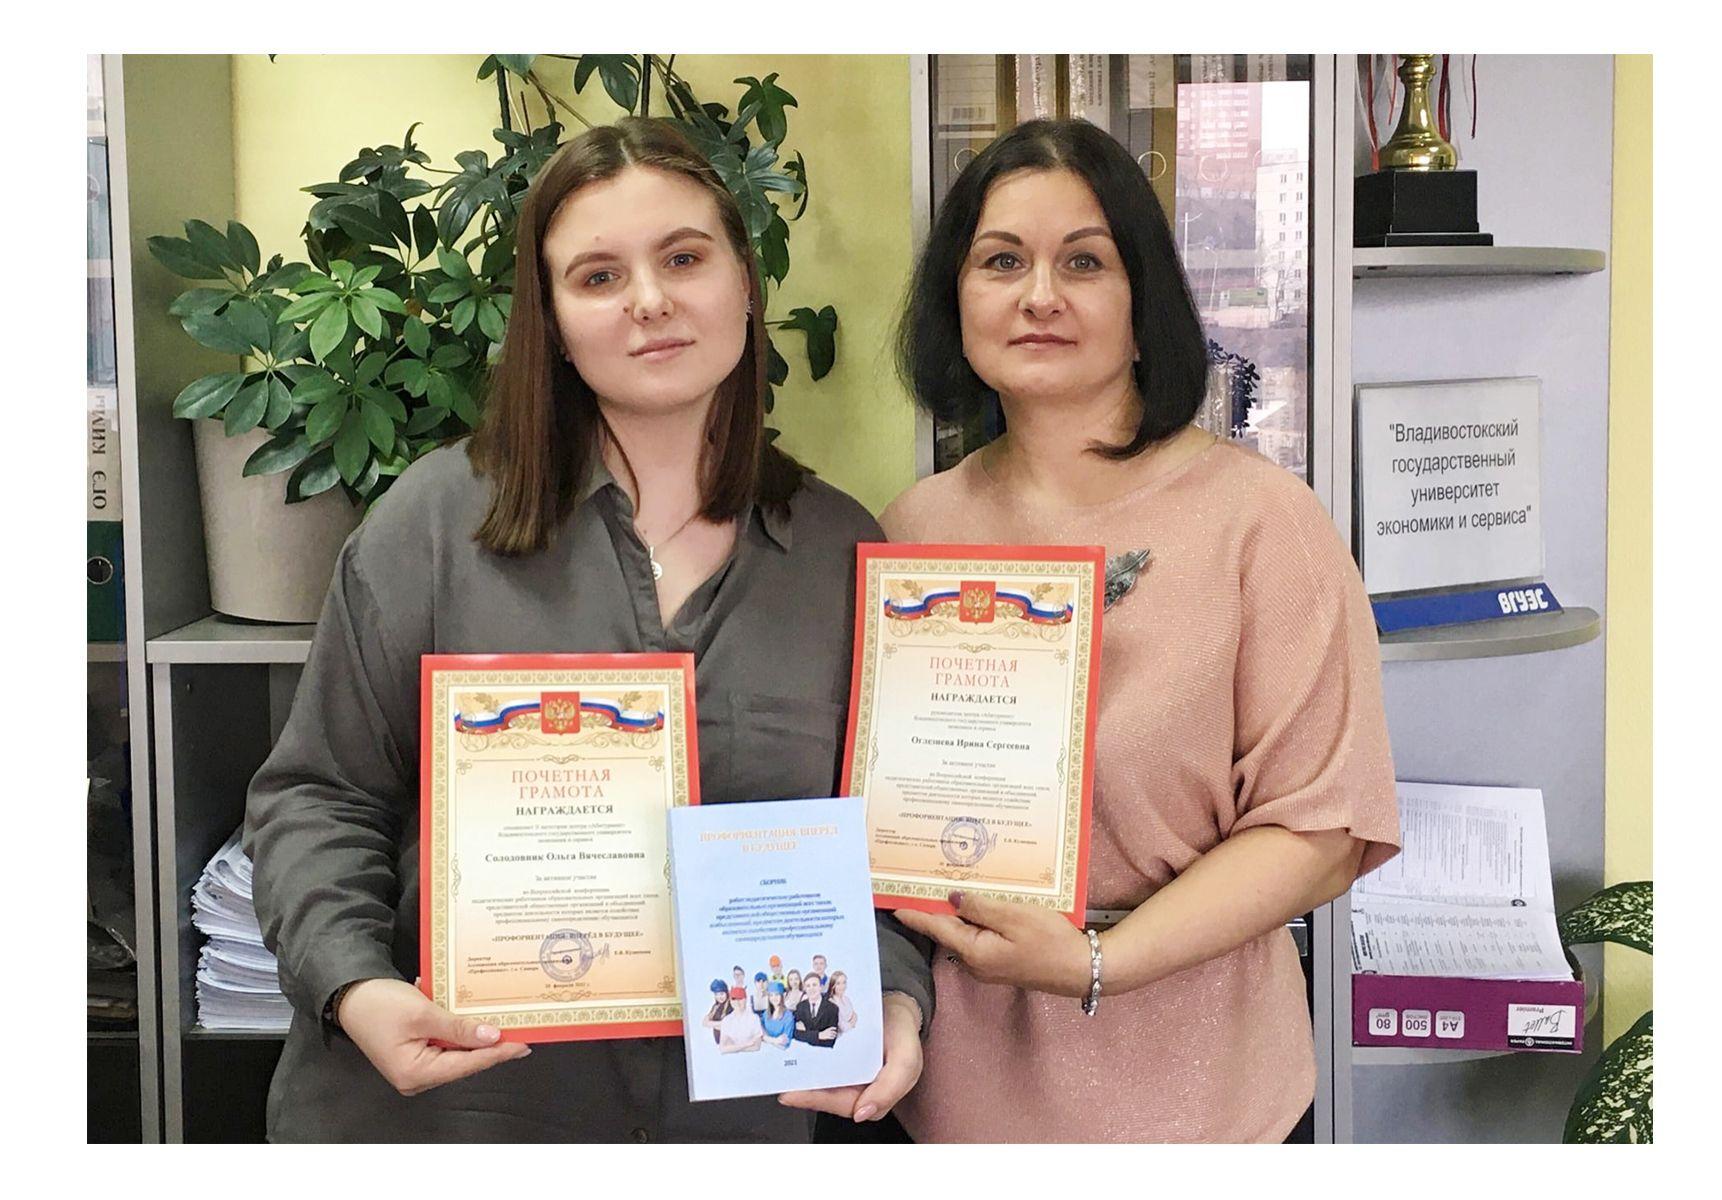 Профориентация в дистанционном формате: сотрудники центра «Абитуриент» ВГУЭС выступили на всероссийской конференции